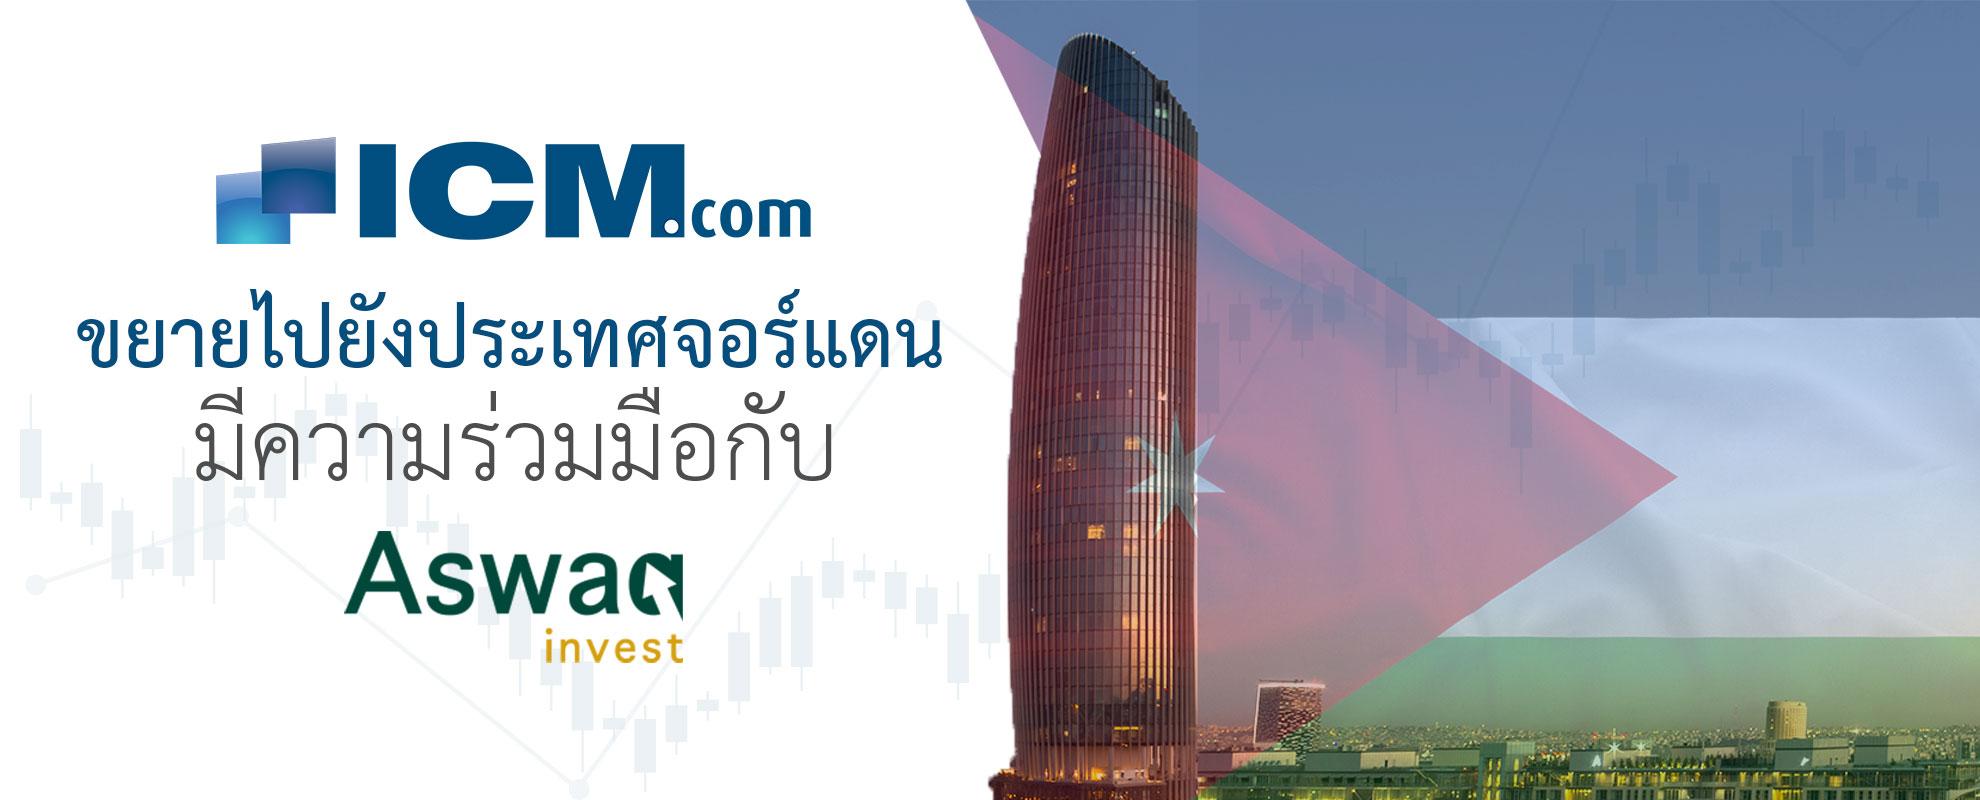 ICM.com ปรับปรุงการแสดงตนในส่วนภูมิภาคตะวันออกกลางด้วยกฏระเบียบในประเทศจอร์แดน